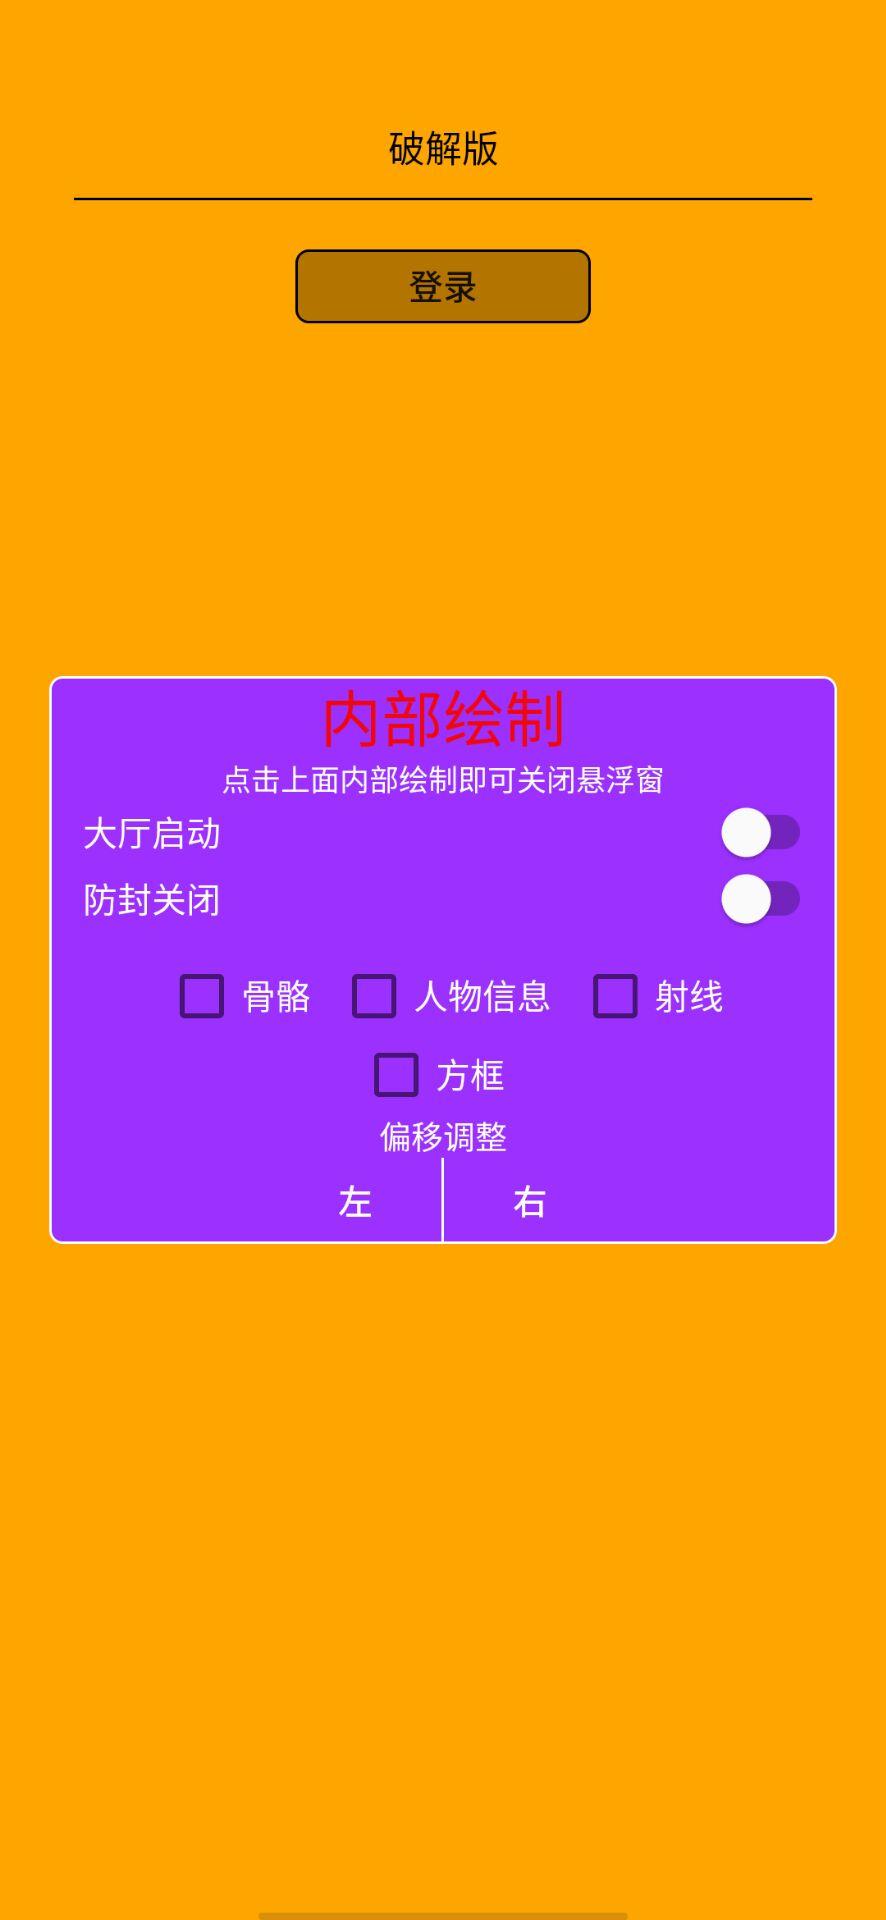 QQ图片20210108103447.jpg